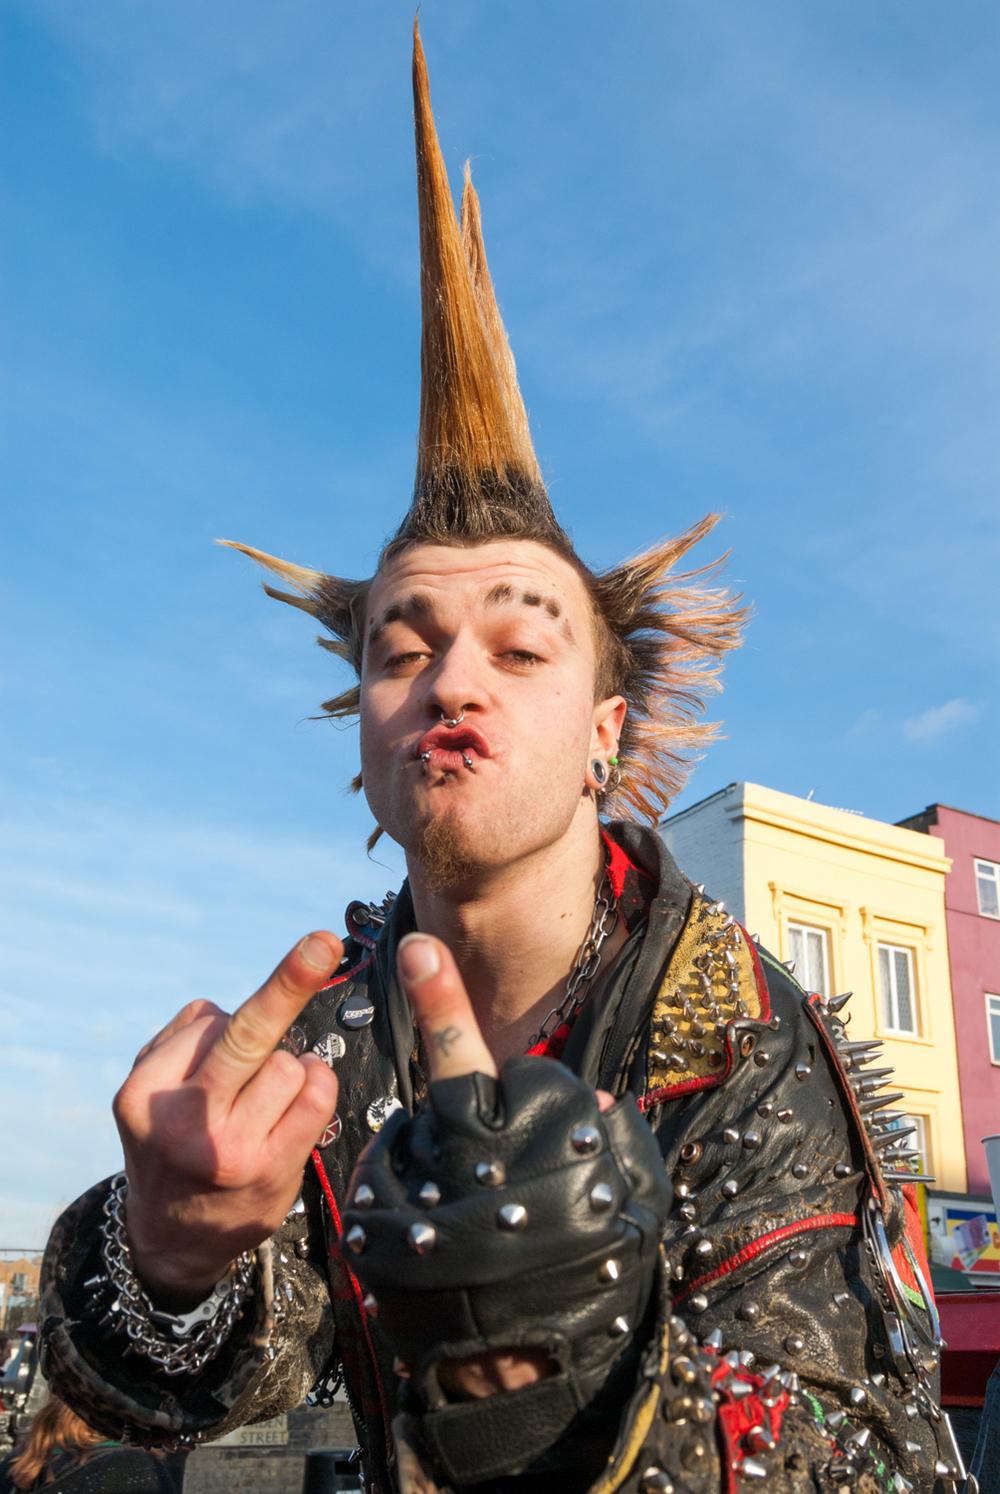 Punk, Camden Town, London